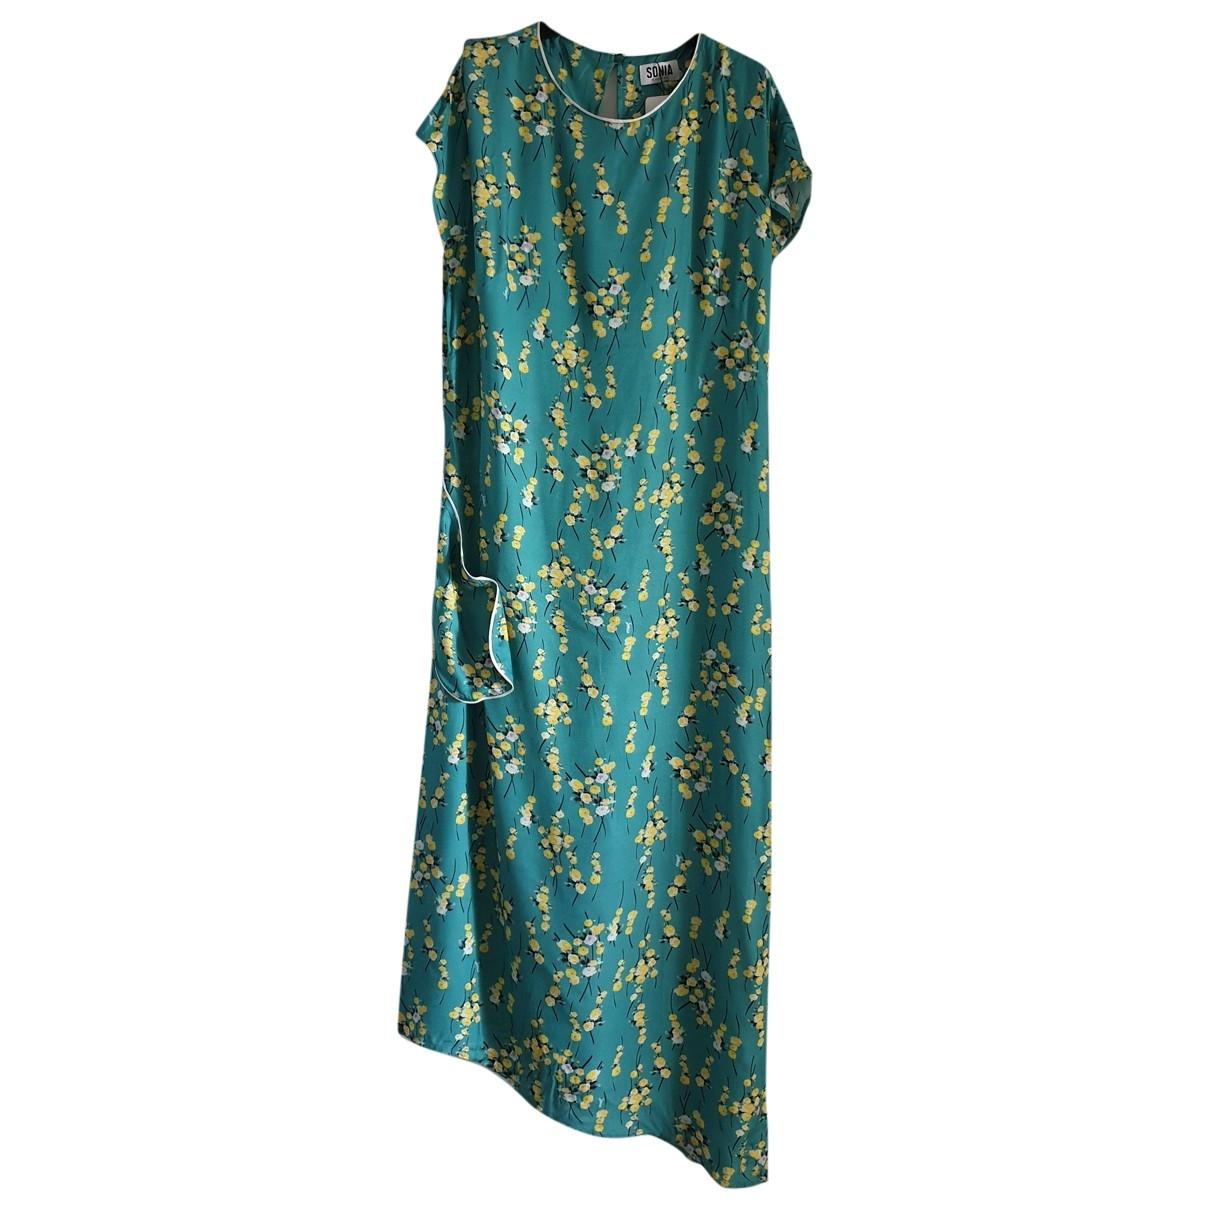 Sonia By Sonia Rykiel \N Kleid in  Gruen Viskose